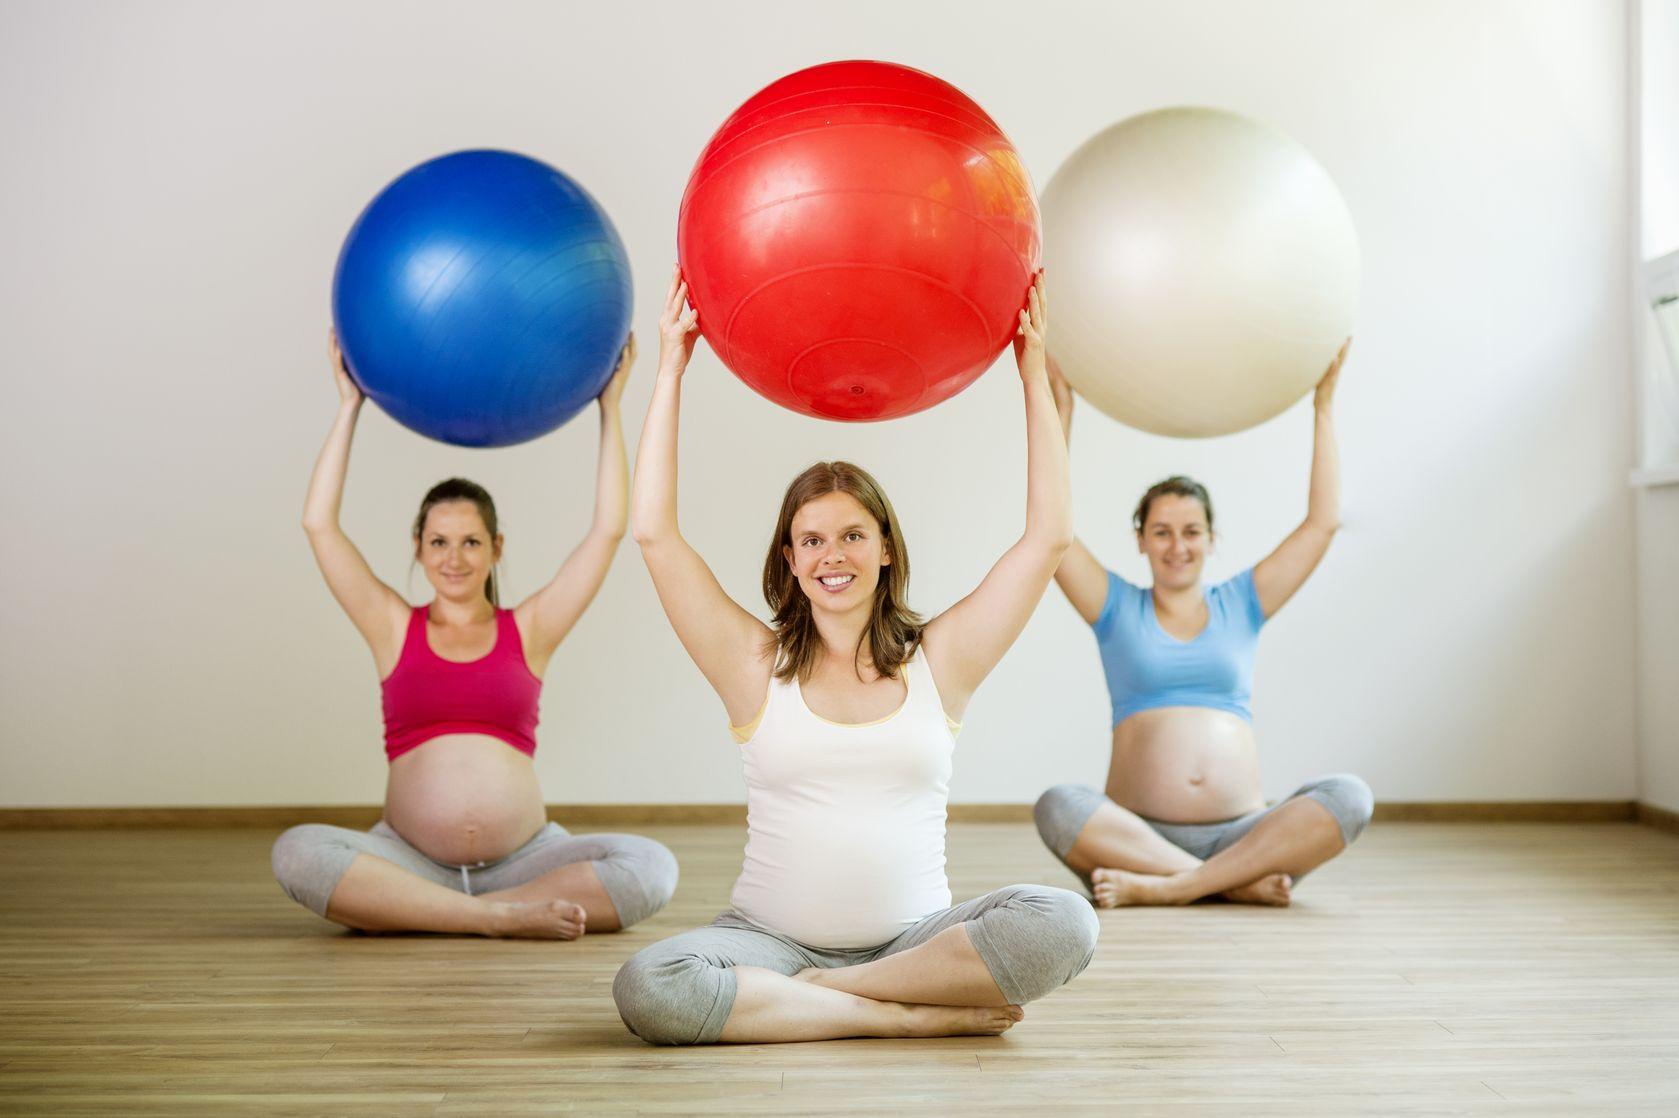 пилатес во время беременности, пилатес для беременных